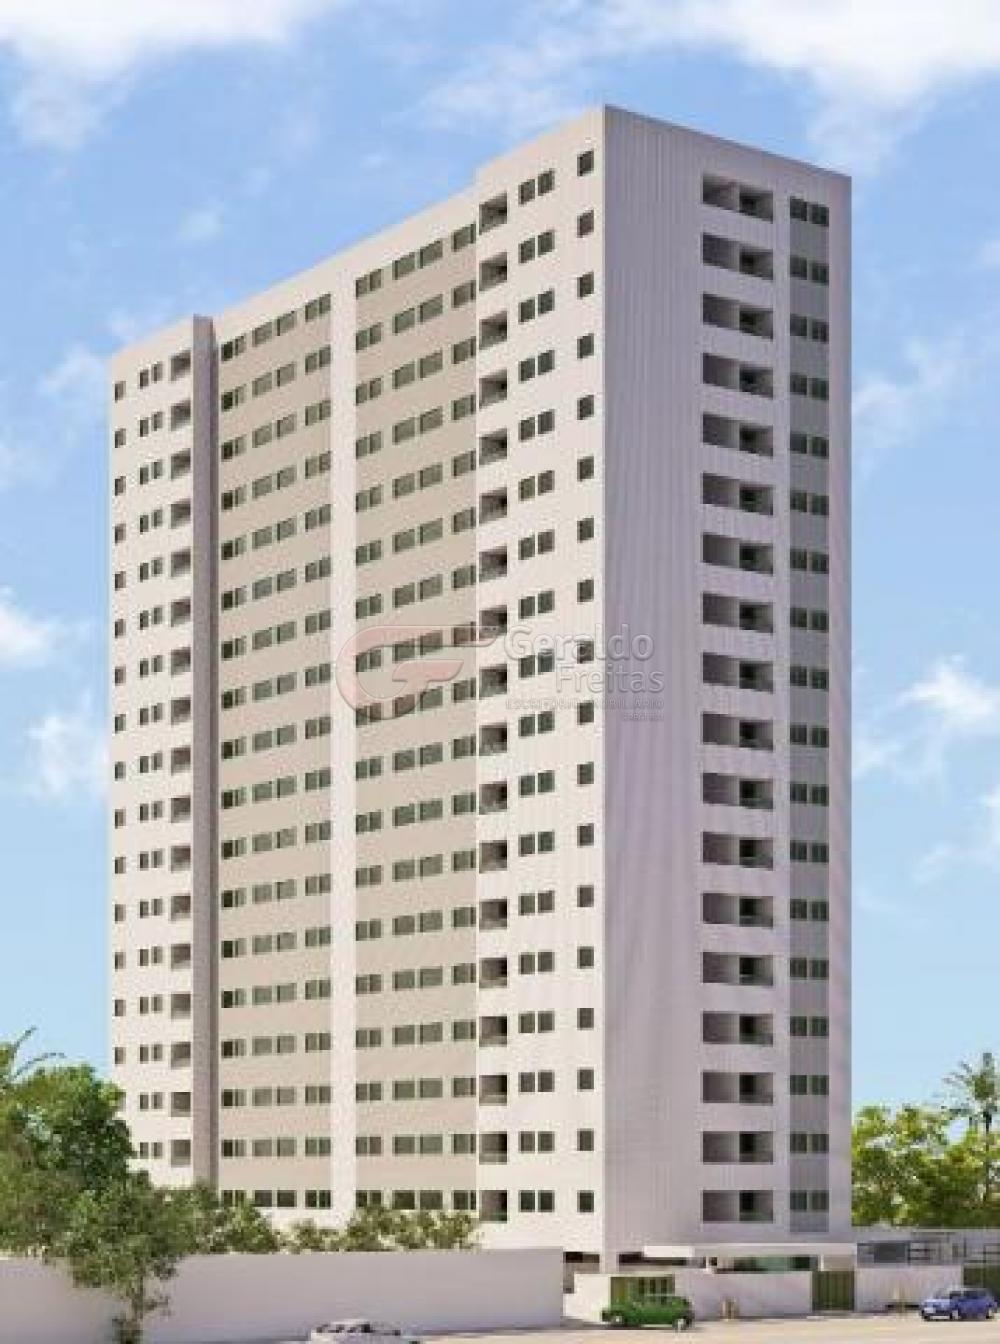 Comprar Apartamentos / Padrão em Maceió apenas R$ 275.000,00 - Foto 15